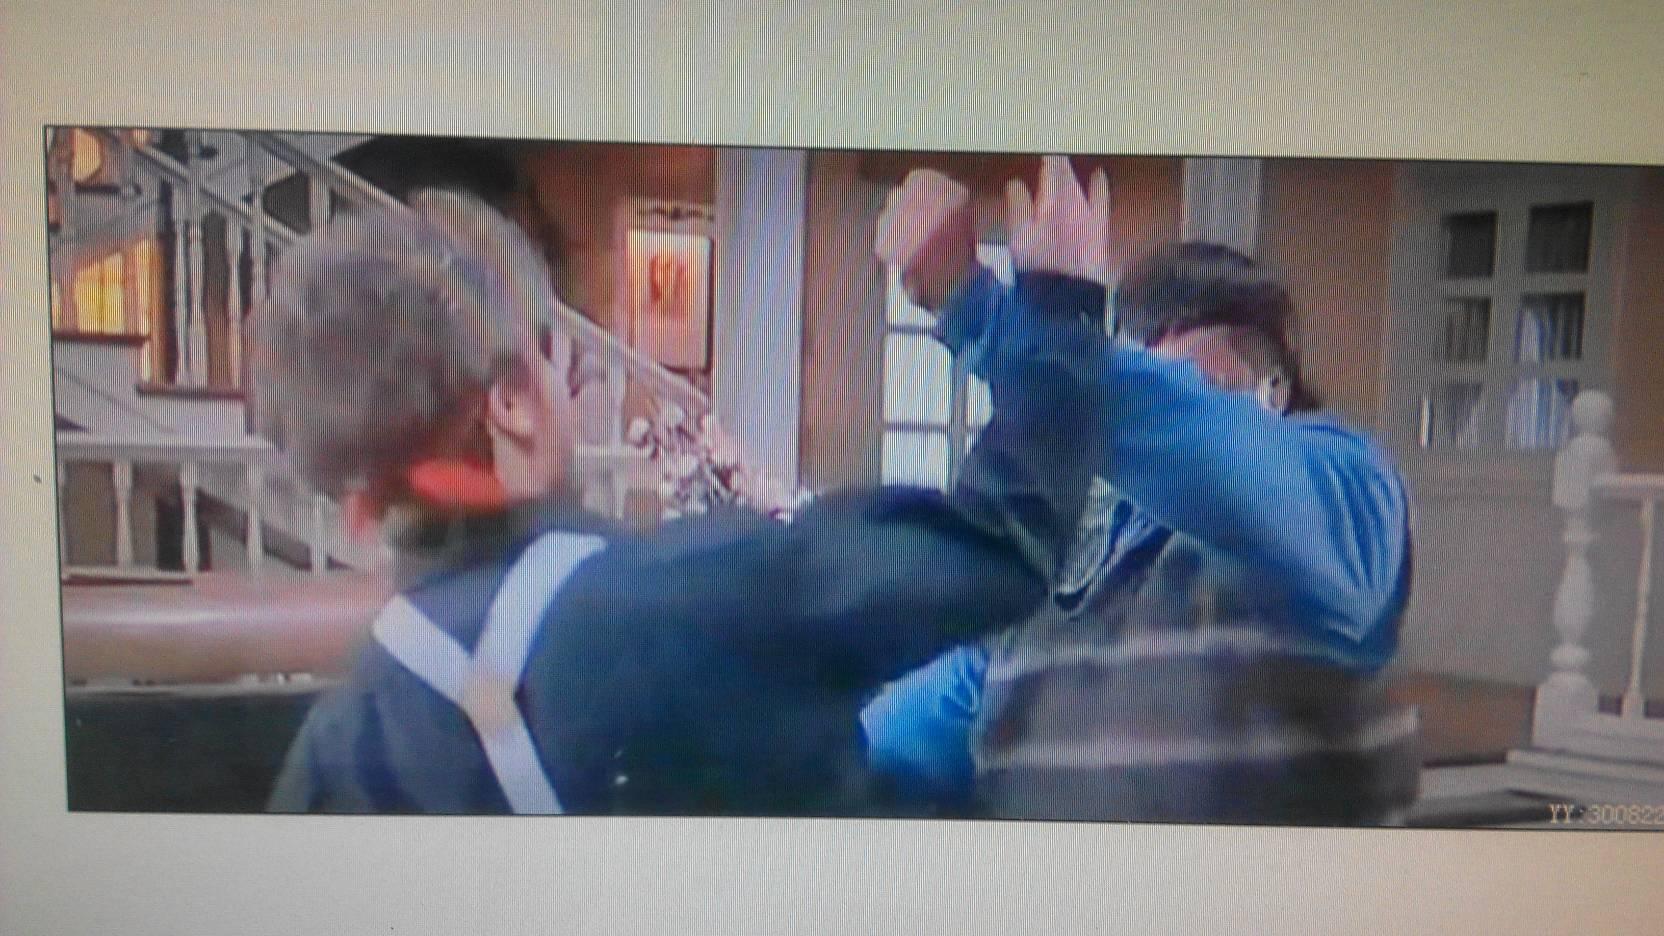 国外女子打架视频_求这部影片的名字,洪金宝穿着灰色马甲跟外国女人打架?_百度 ...